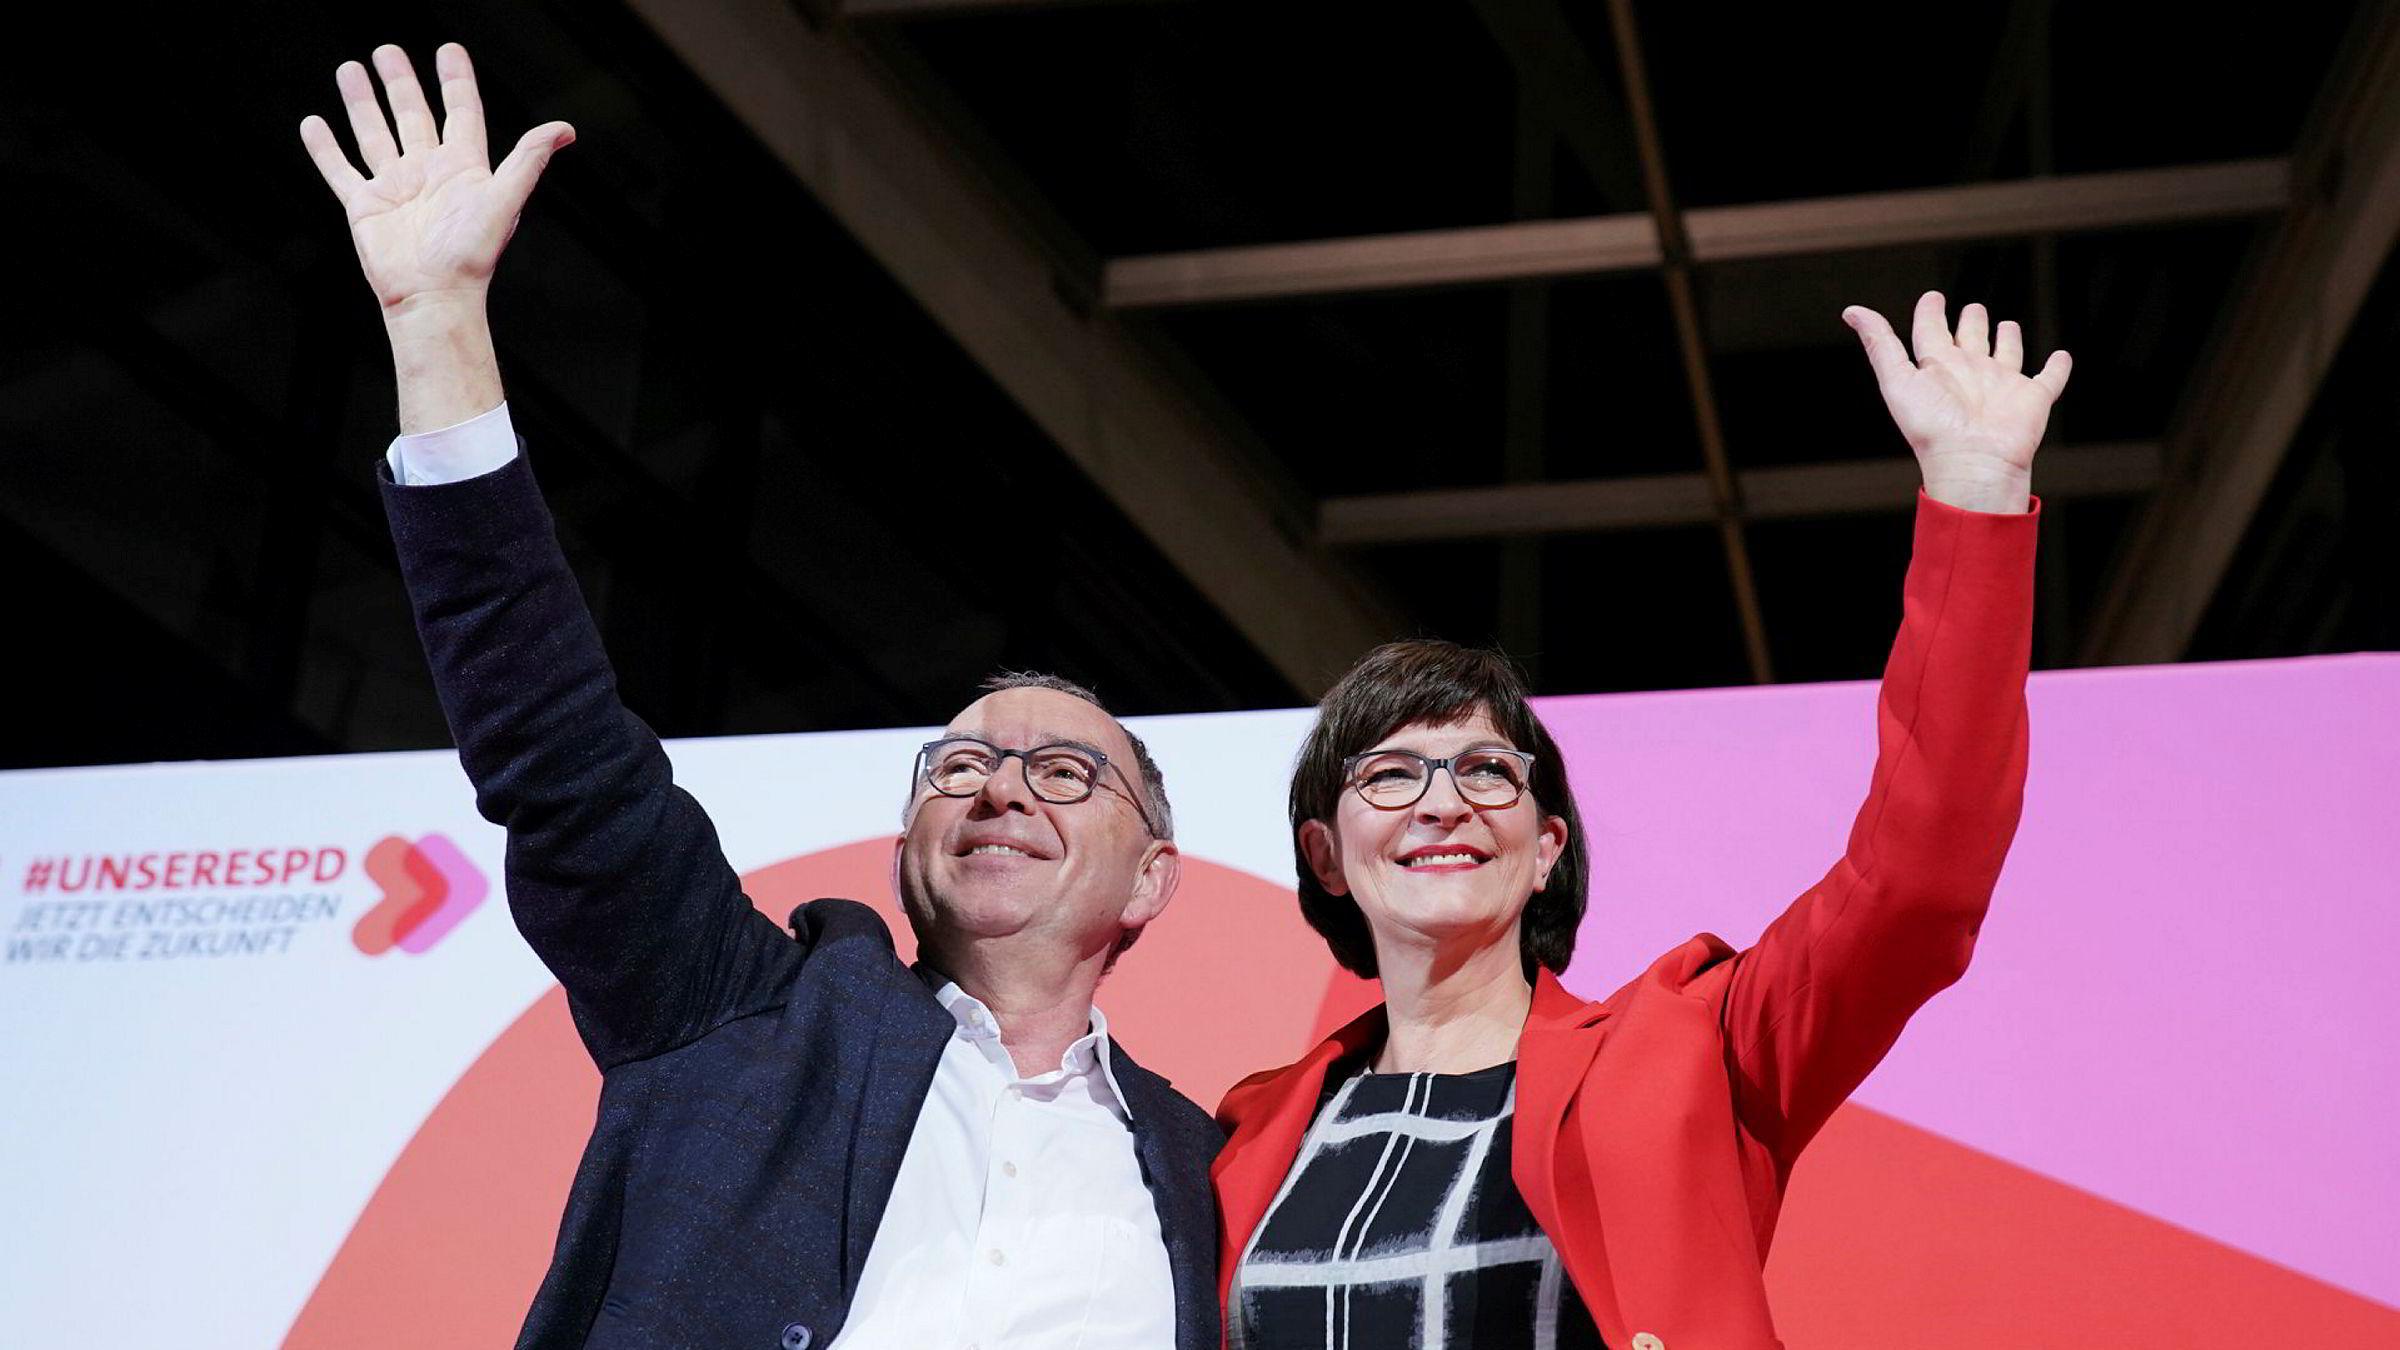 Norbert Walter-Borjans og Saskia Esken overtar som nye ledere i det sosialdemokratiske partiet SPD i Tyskland.